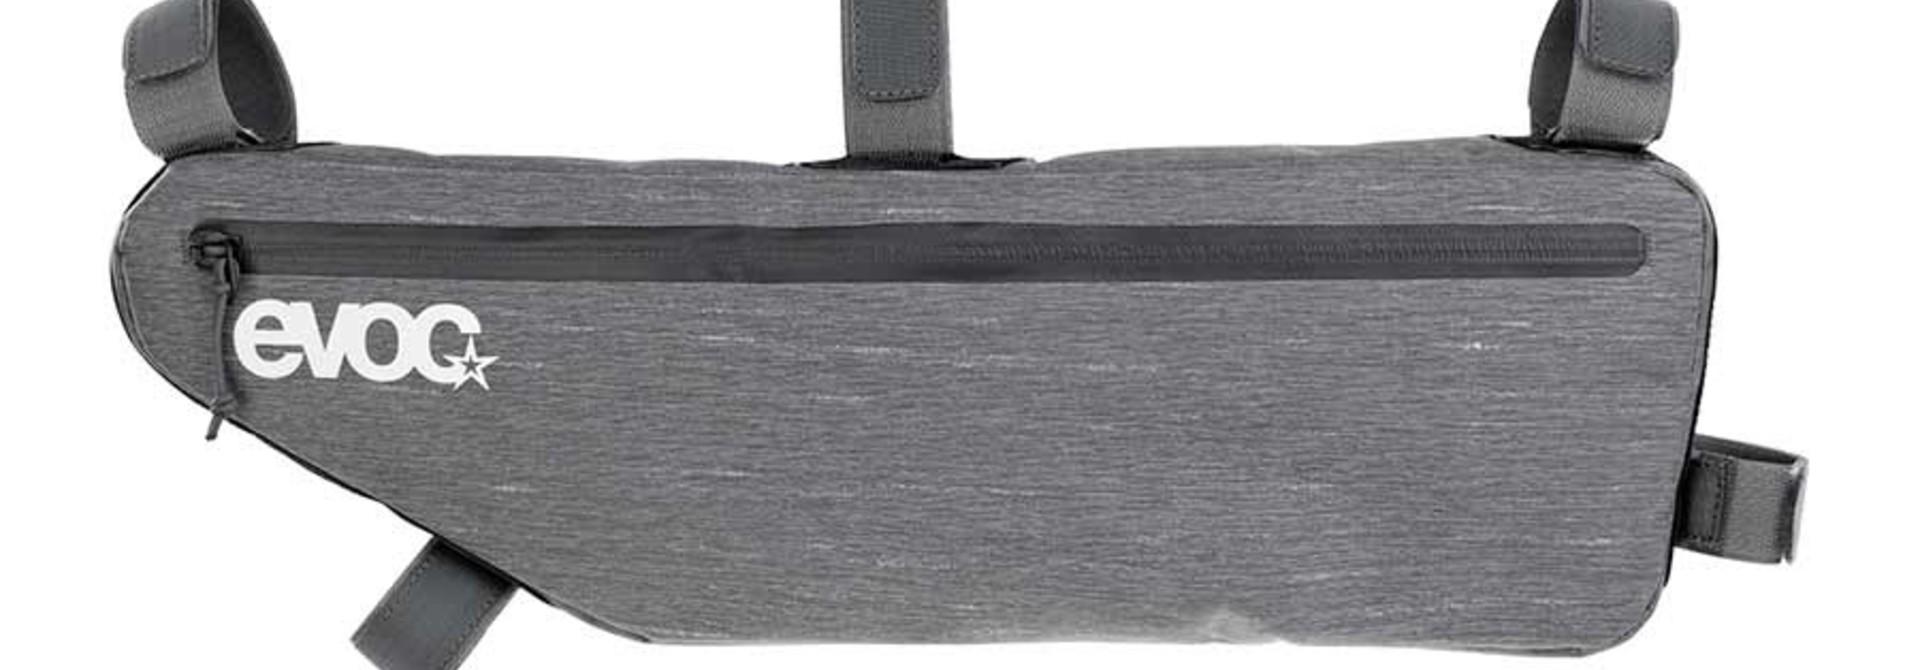 EVOC, Frame Pack, Frame Bag, 3.5L, Carbon